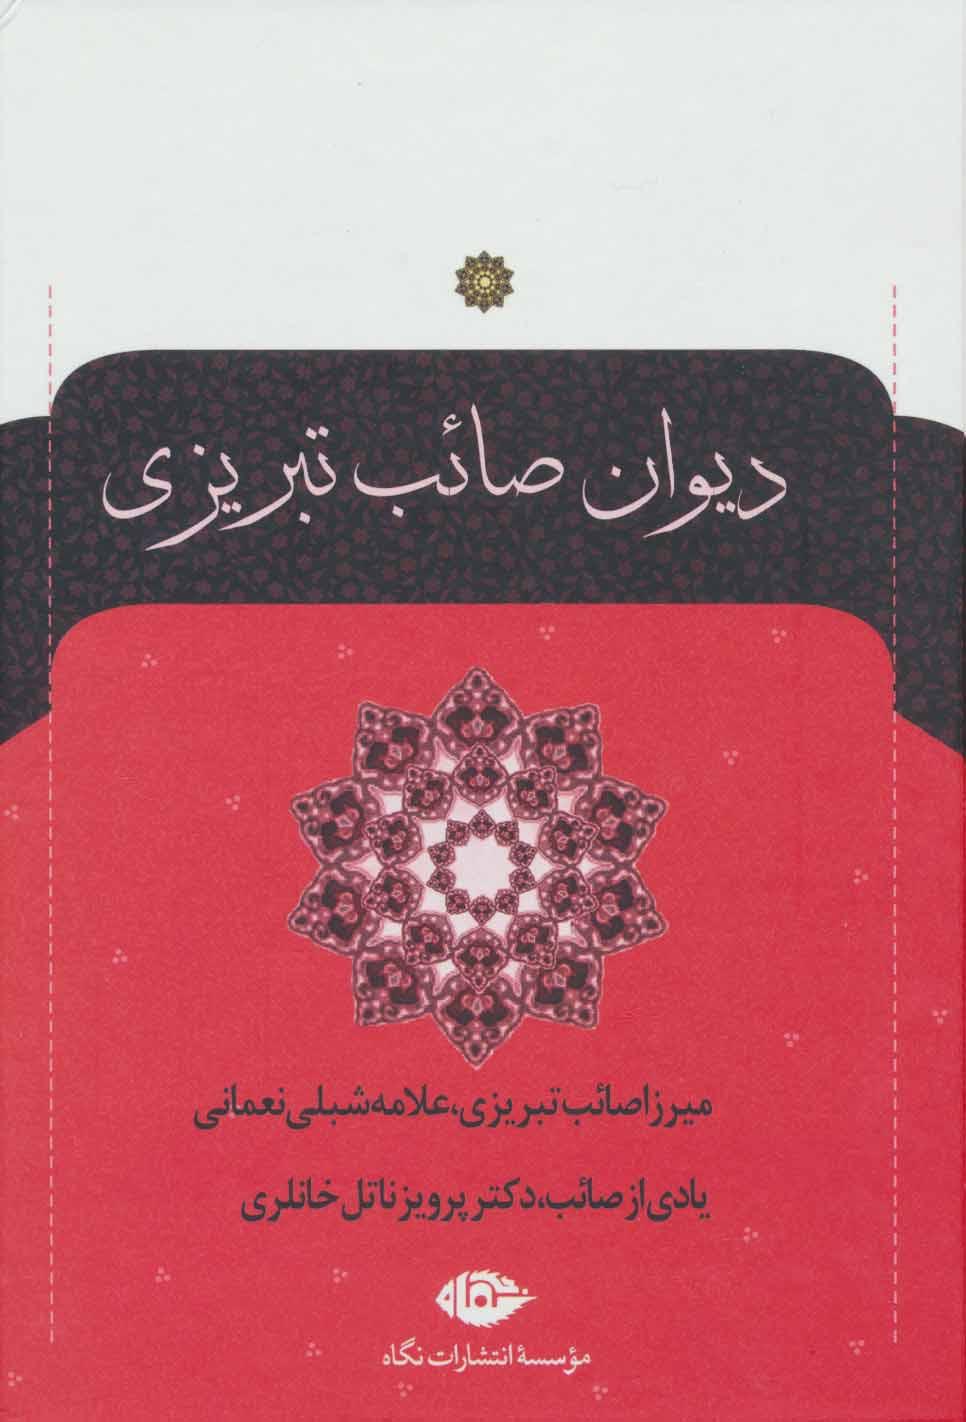 کتاب دیوان صائب تبریزی (۲جلدی)